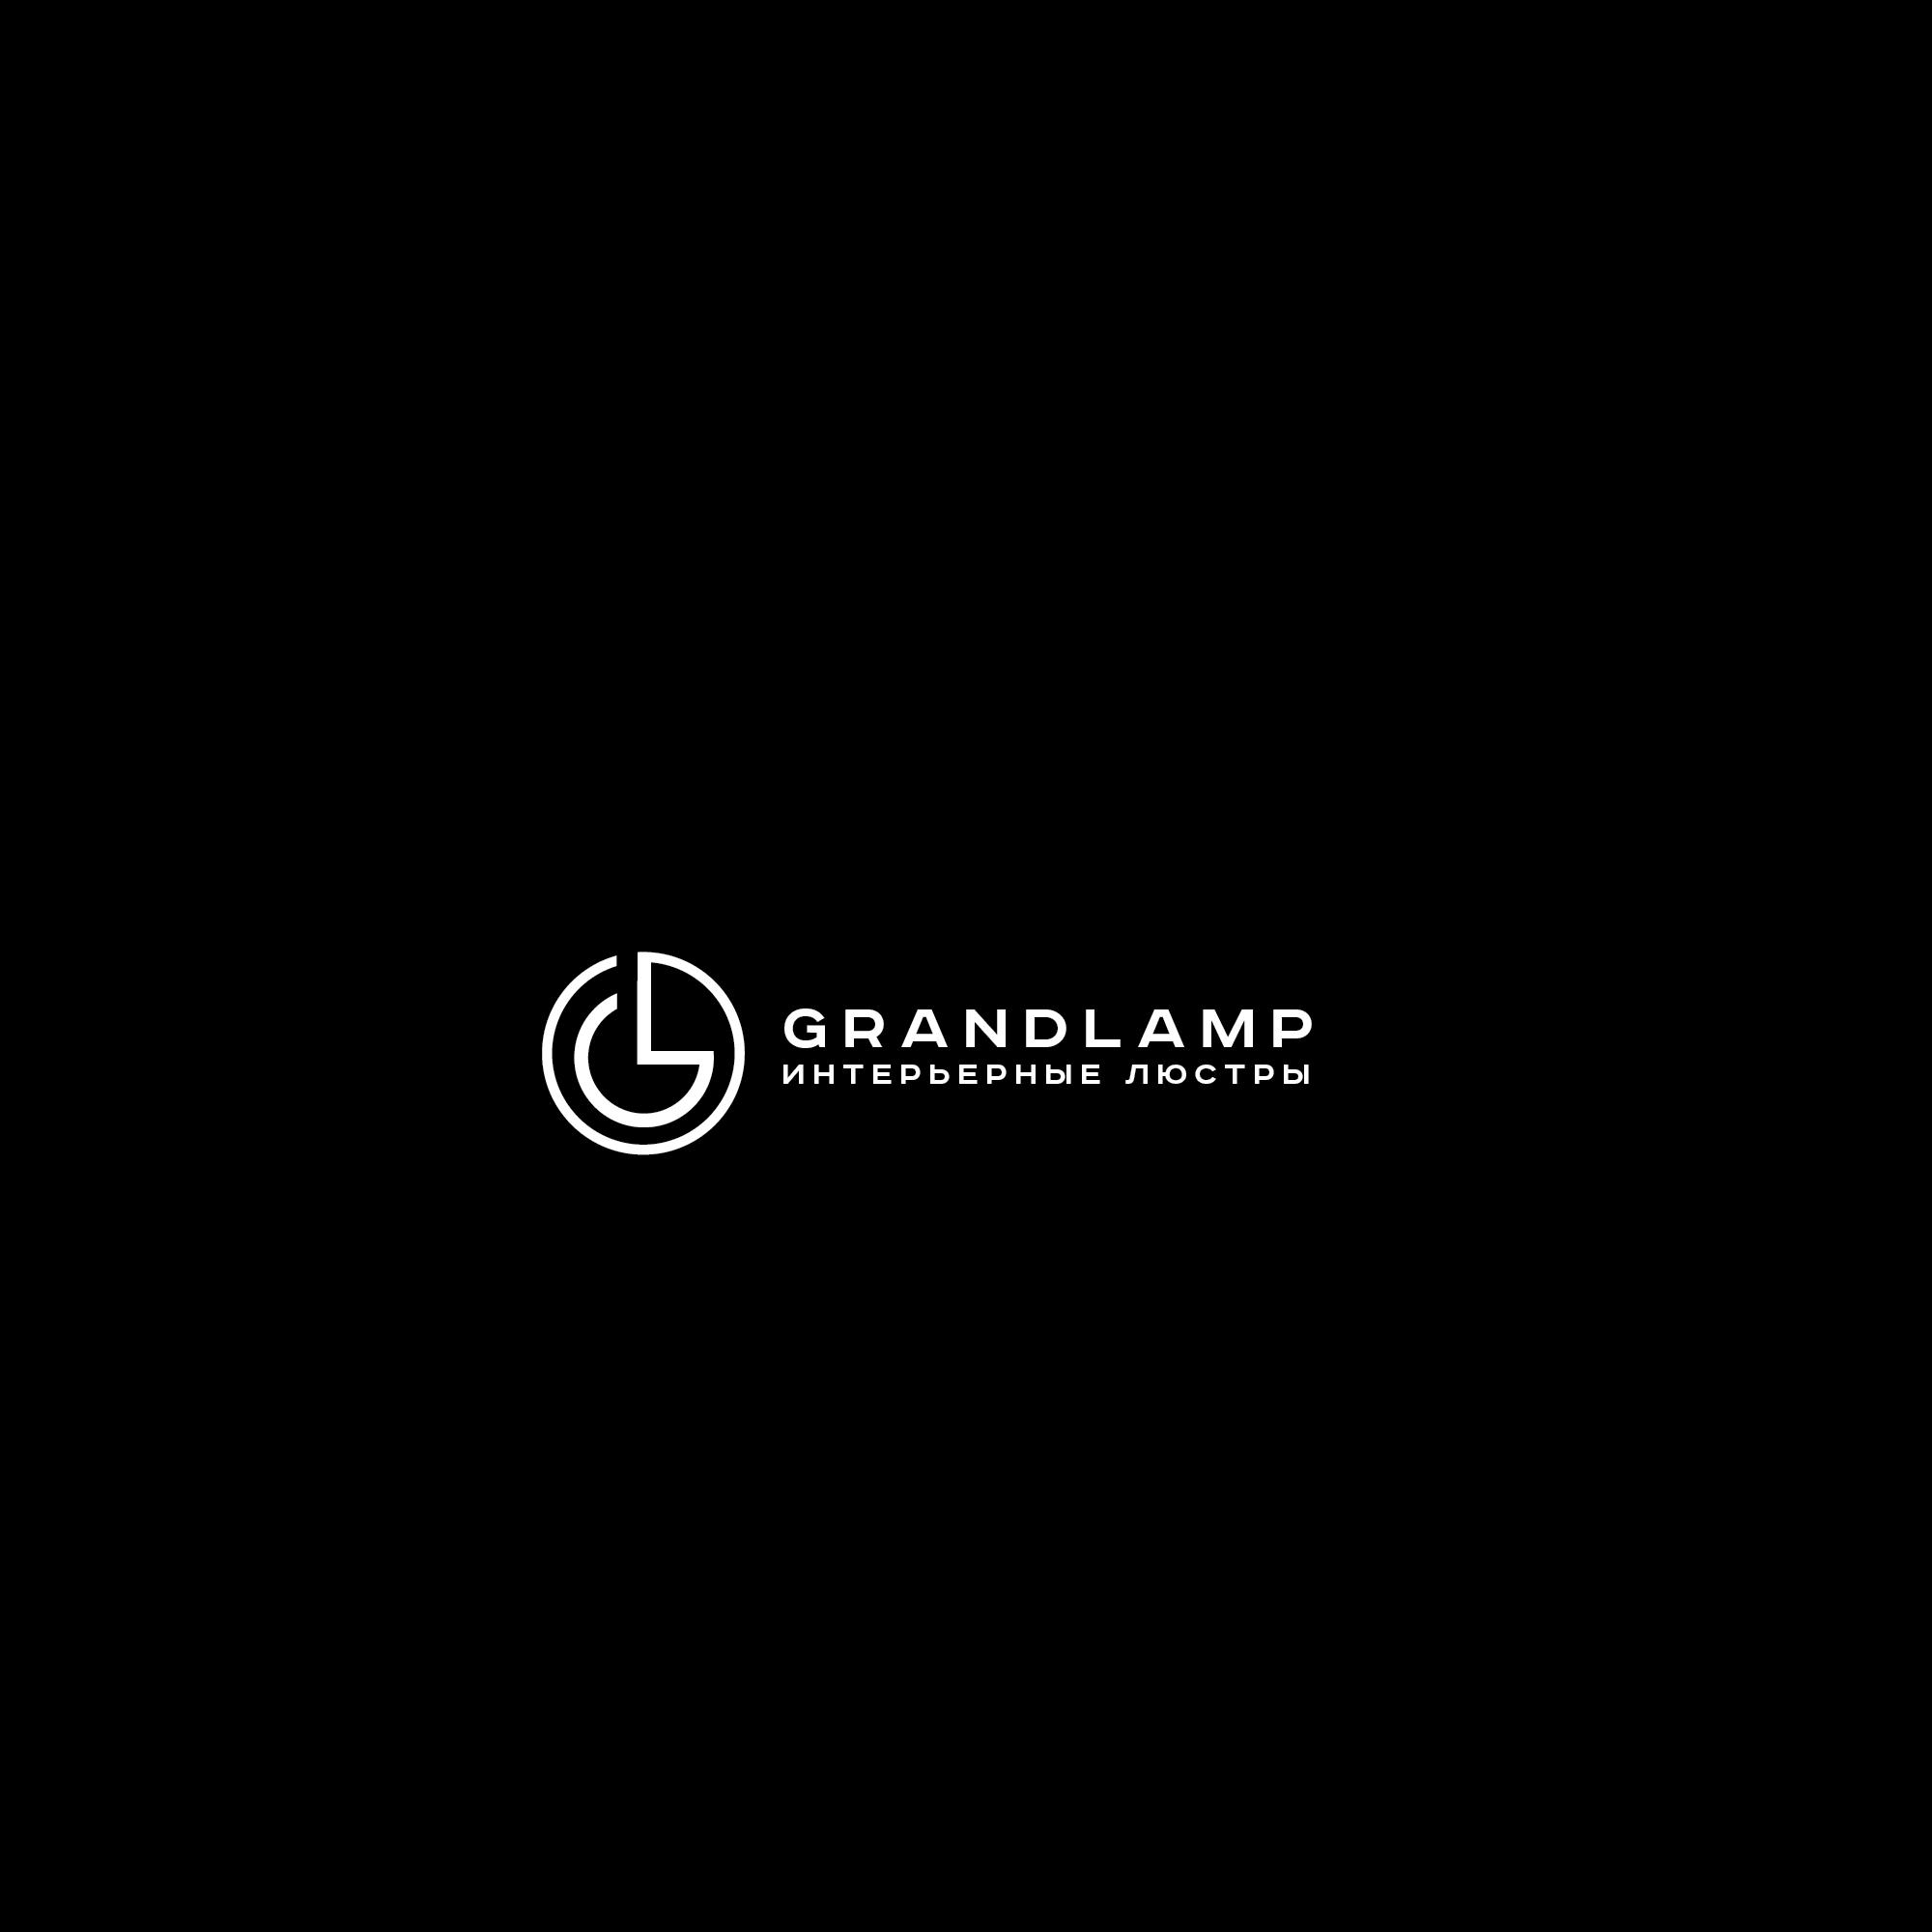 Разработка логотипа и элементов фирменного стиля фото f_99557e11aae4f8cc.jpg